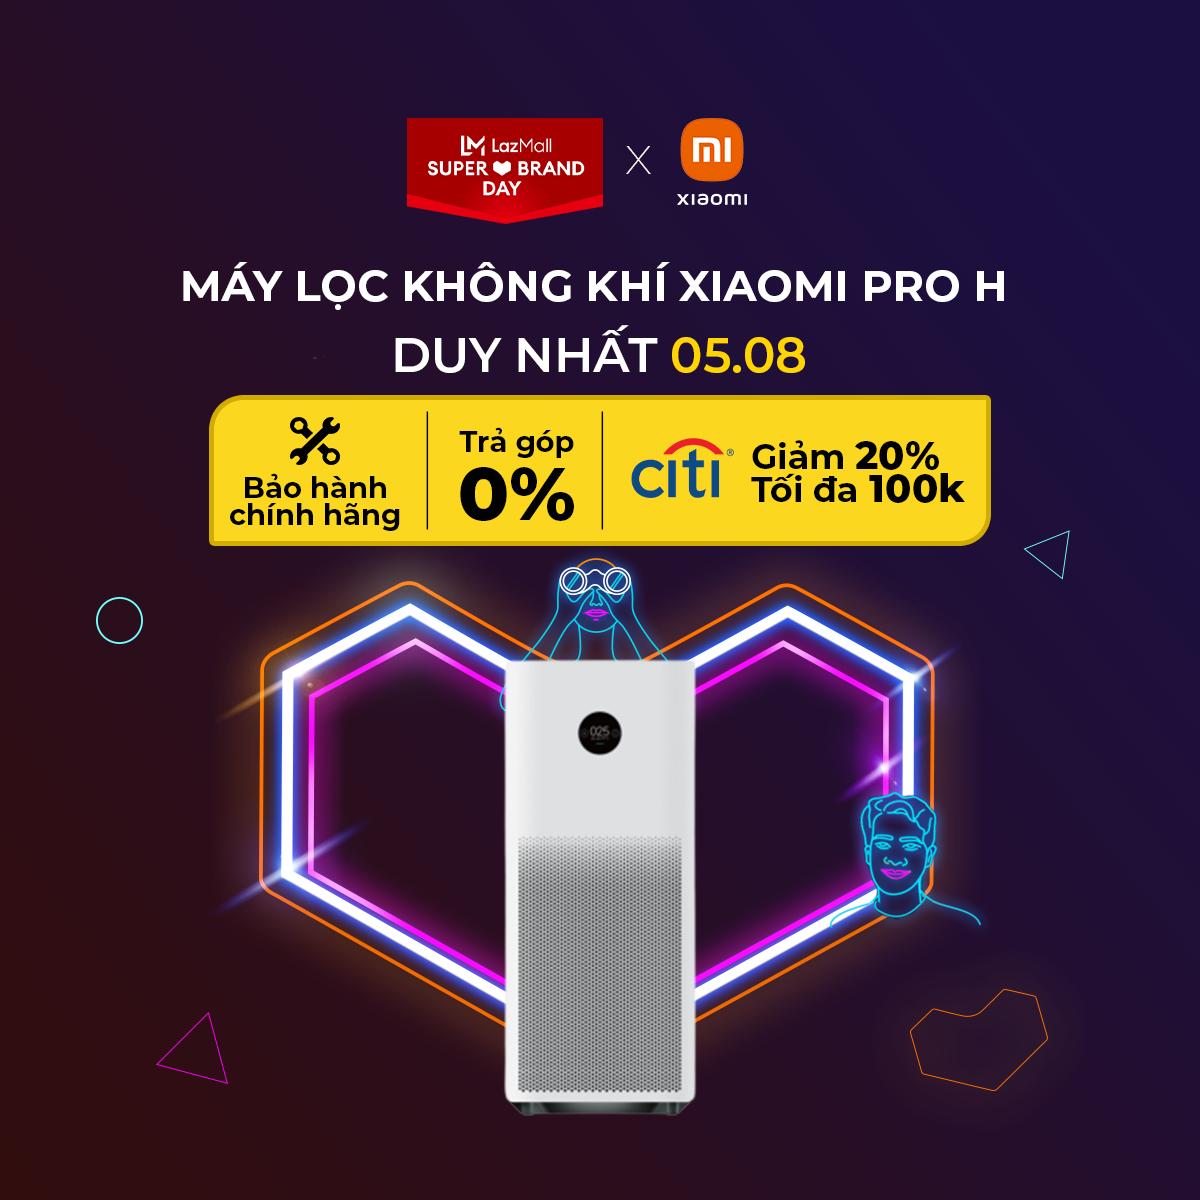 Máy lọc không khí Xiaomi Mi Air Purifier Pro H – Trắng – Hàng chính hãng DGW – Trả góp 0%